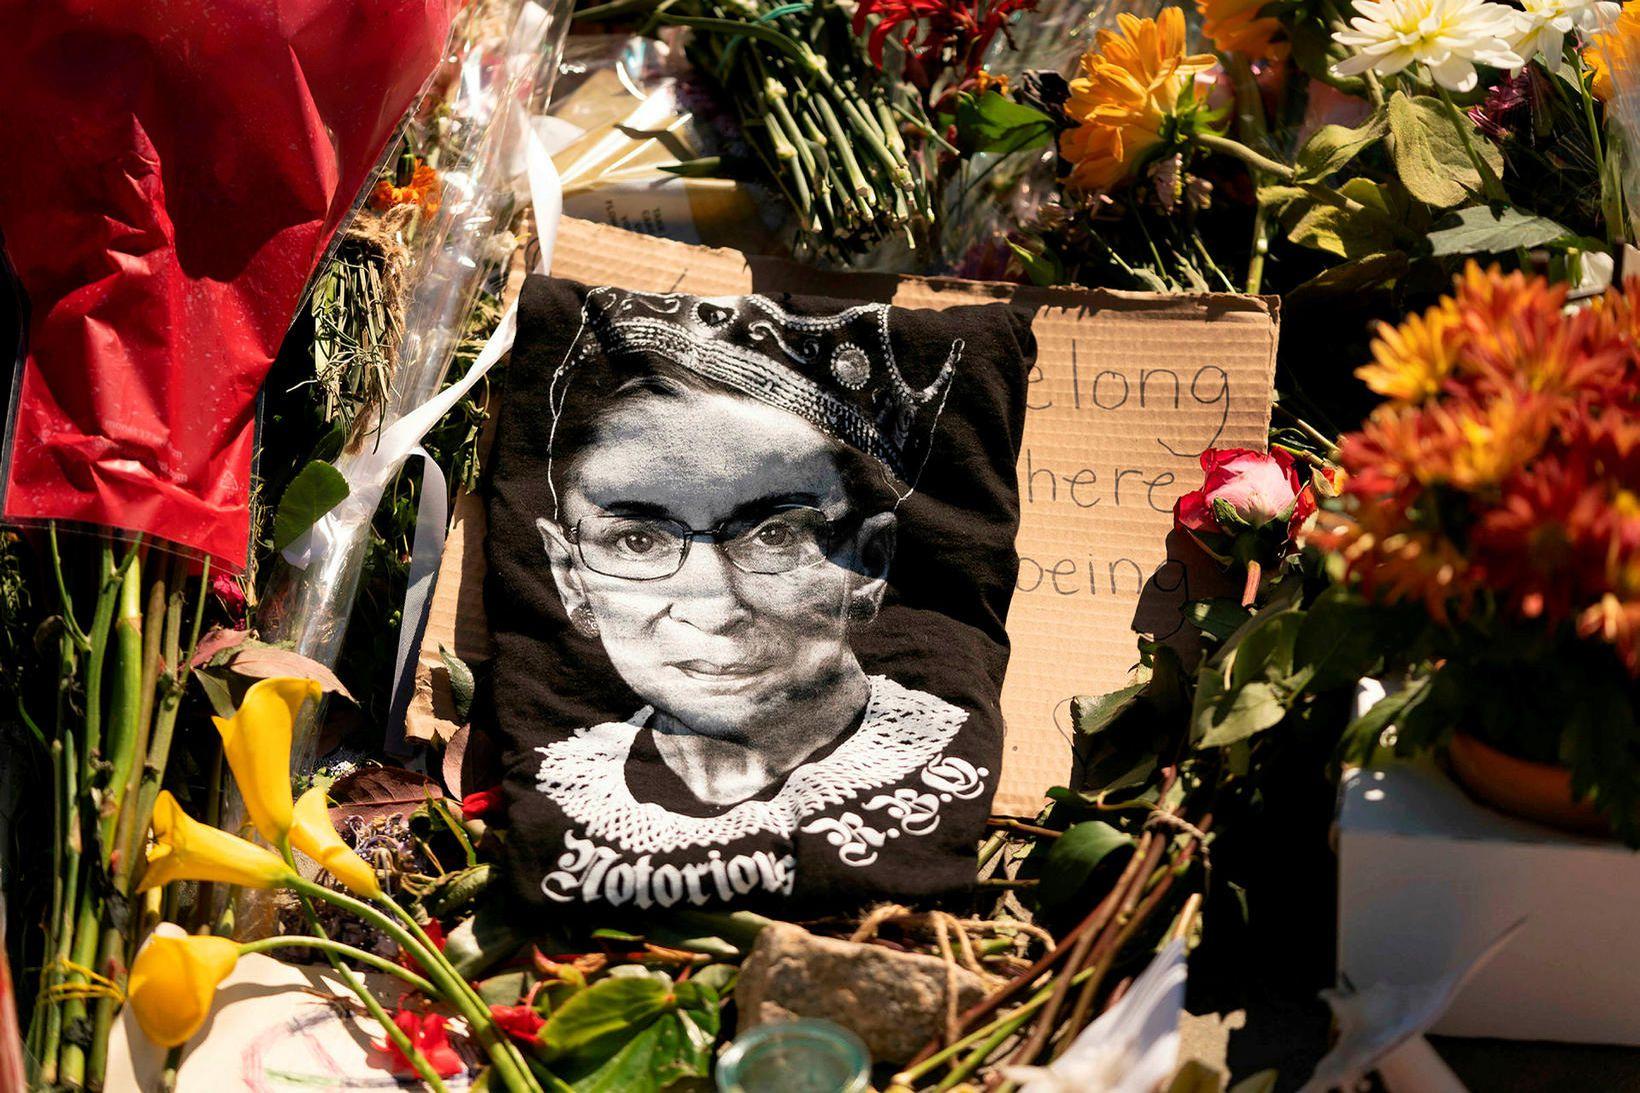 Ruth Bader Ginsburg hæstaréttardómari lést eftir baráttu við krabbamein í …